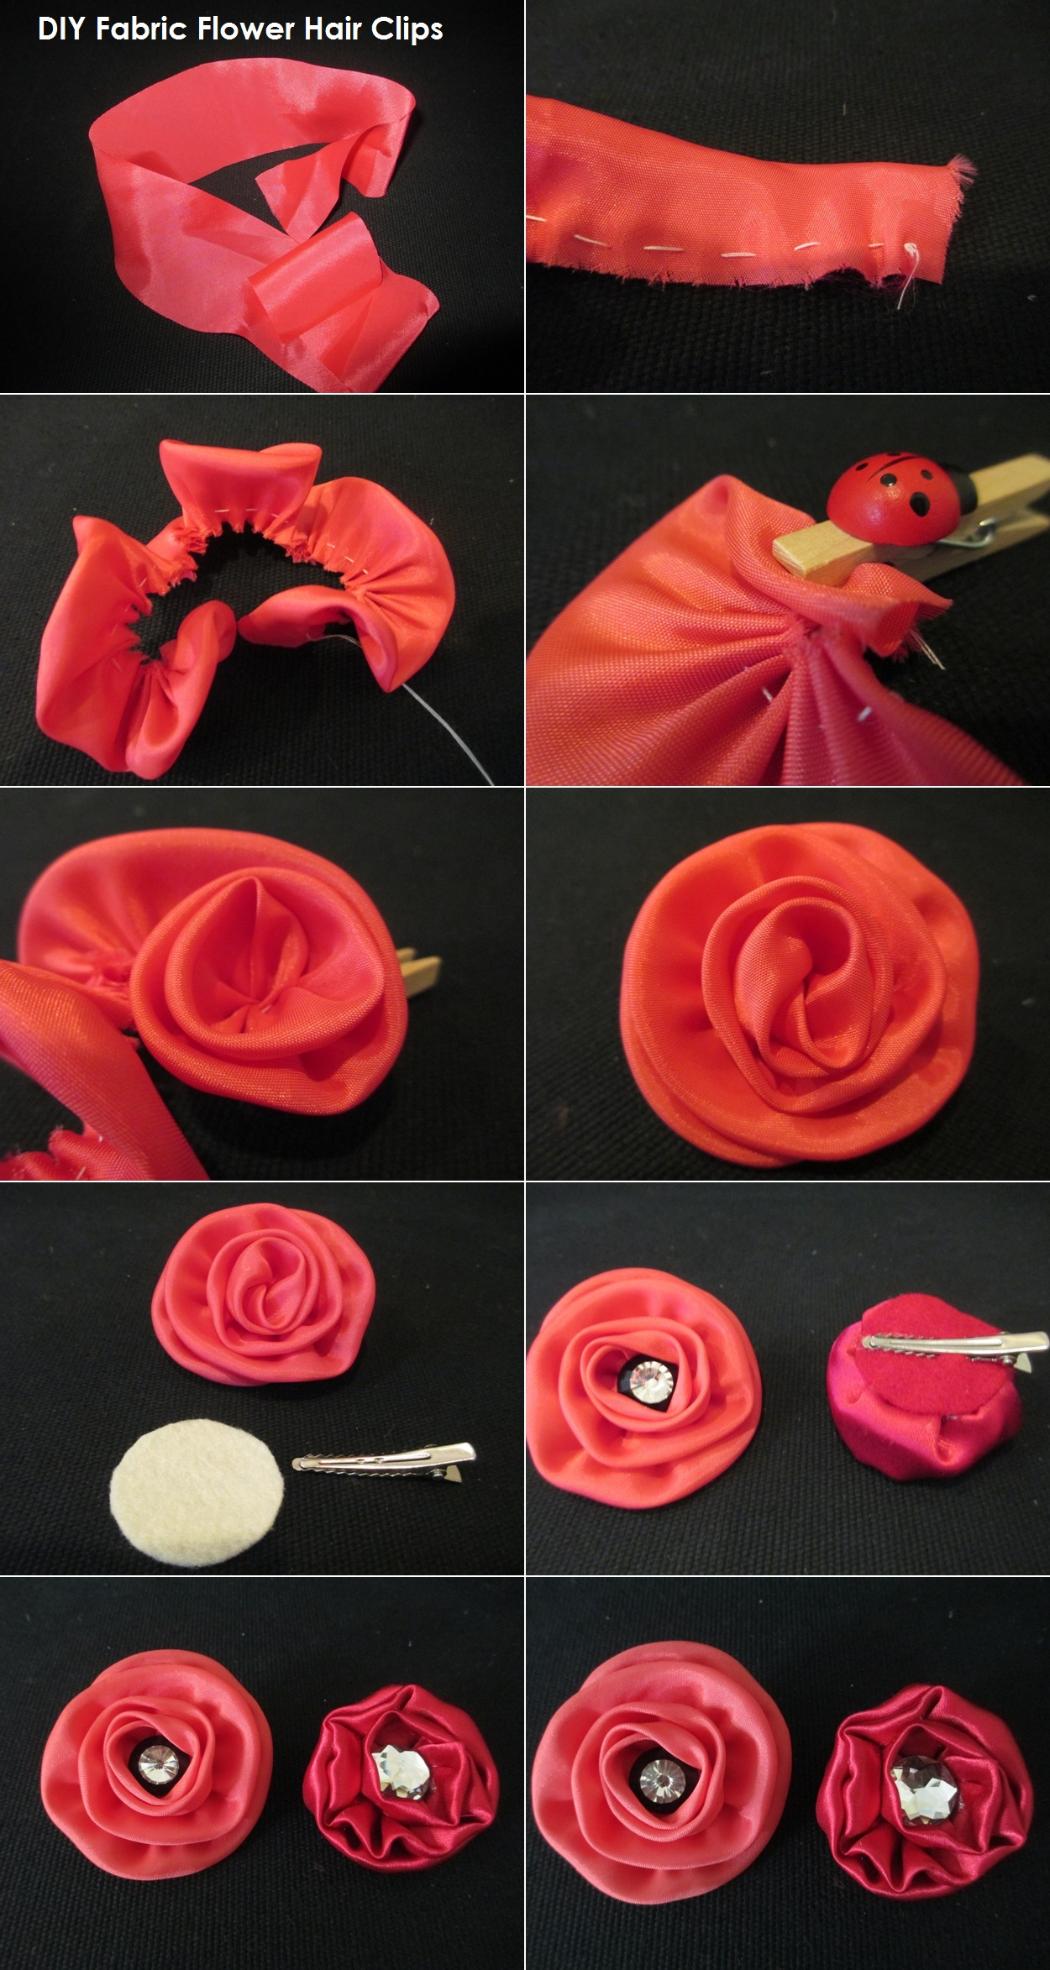 DIY Tutorial Hair Accessories / Fabric Flower Hair Clips ...